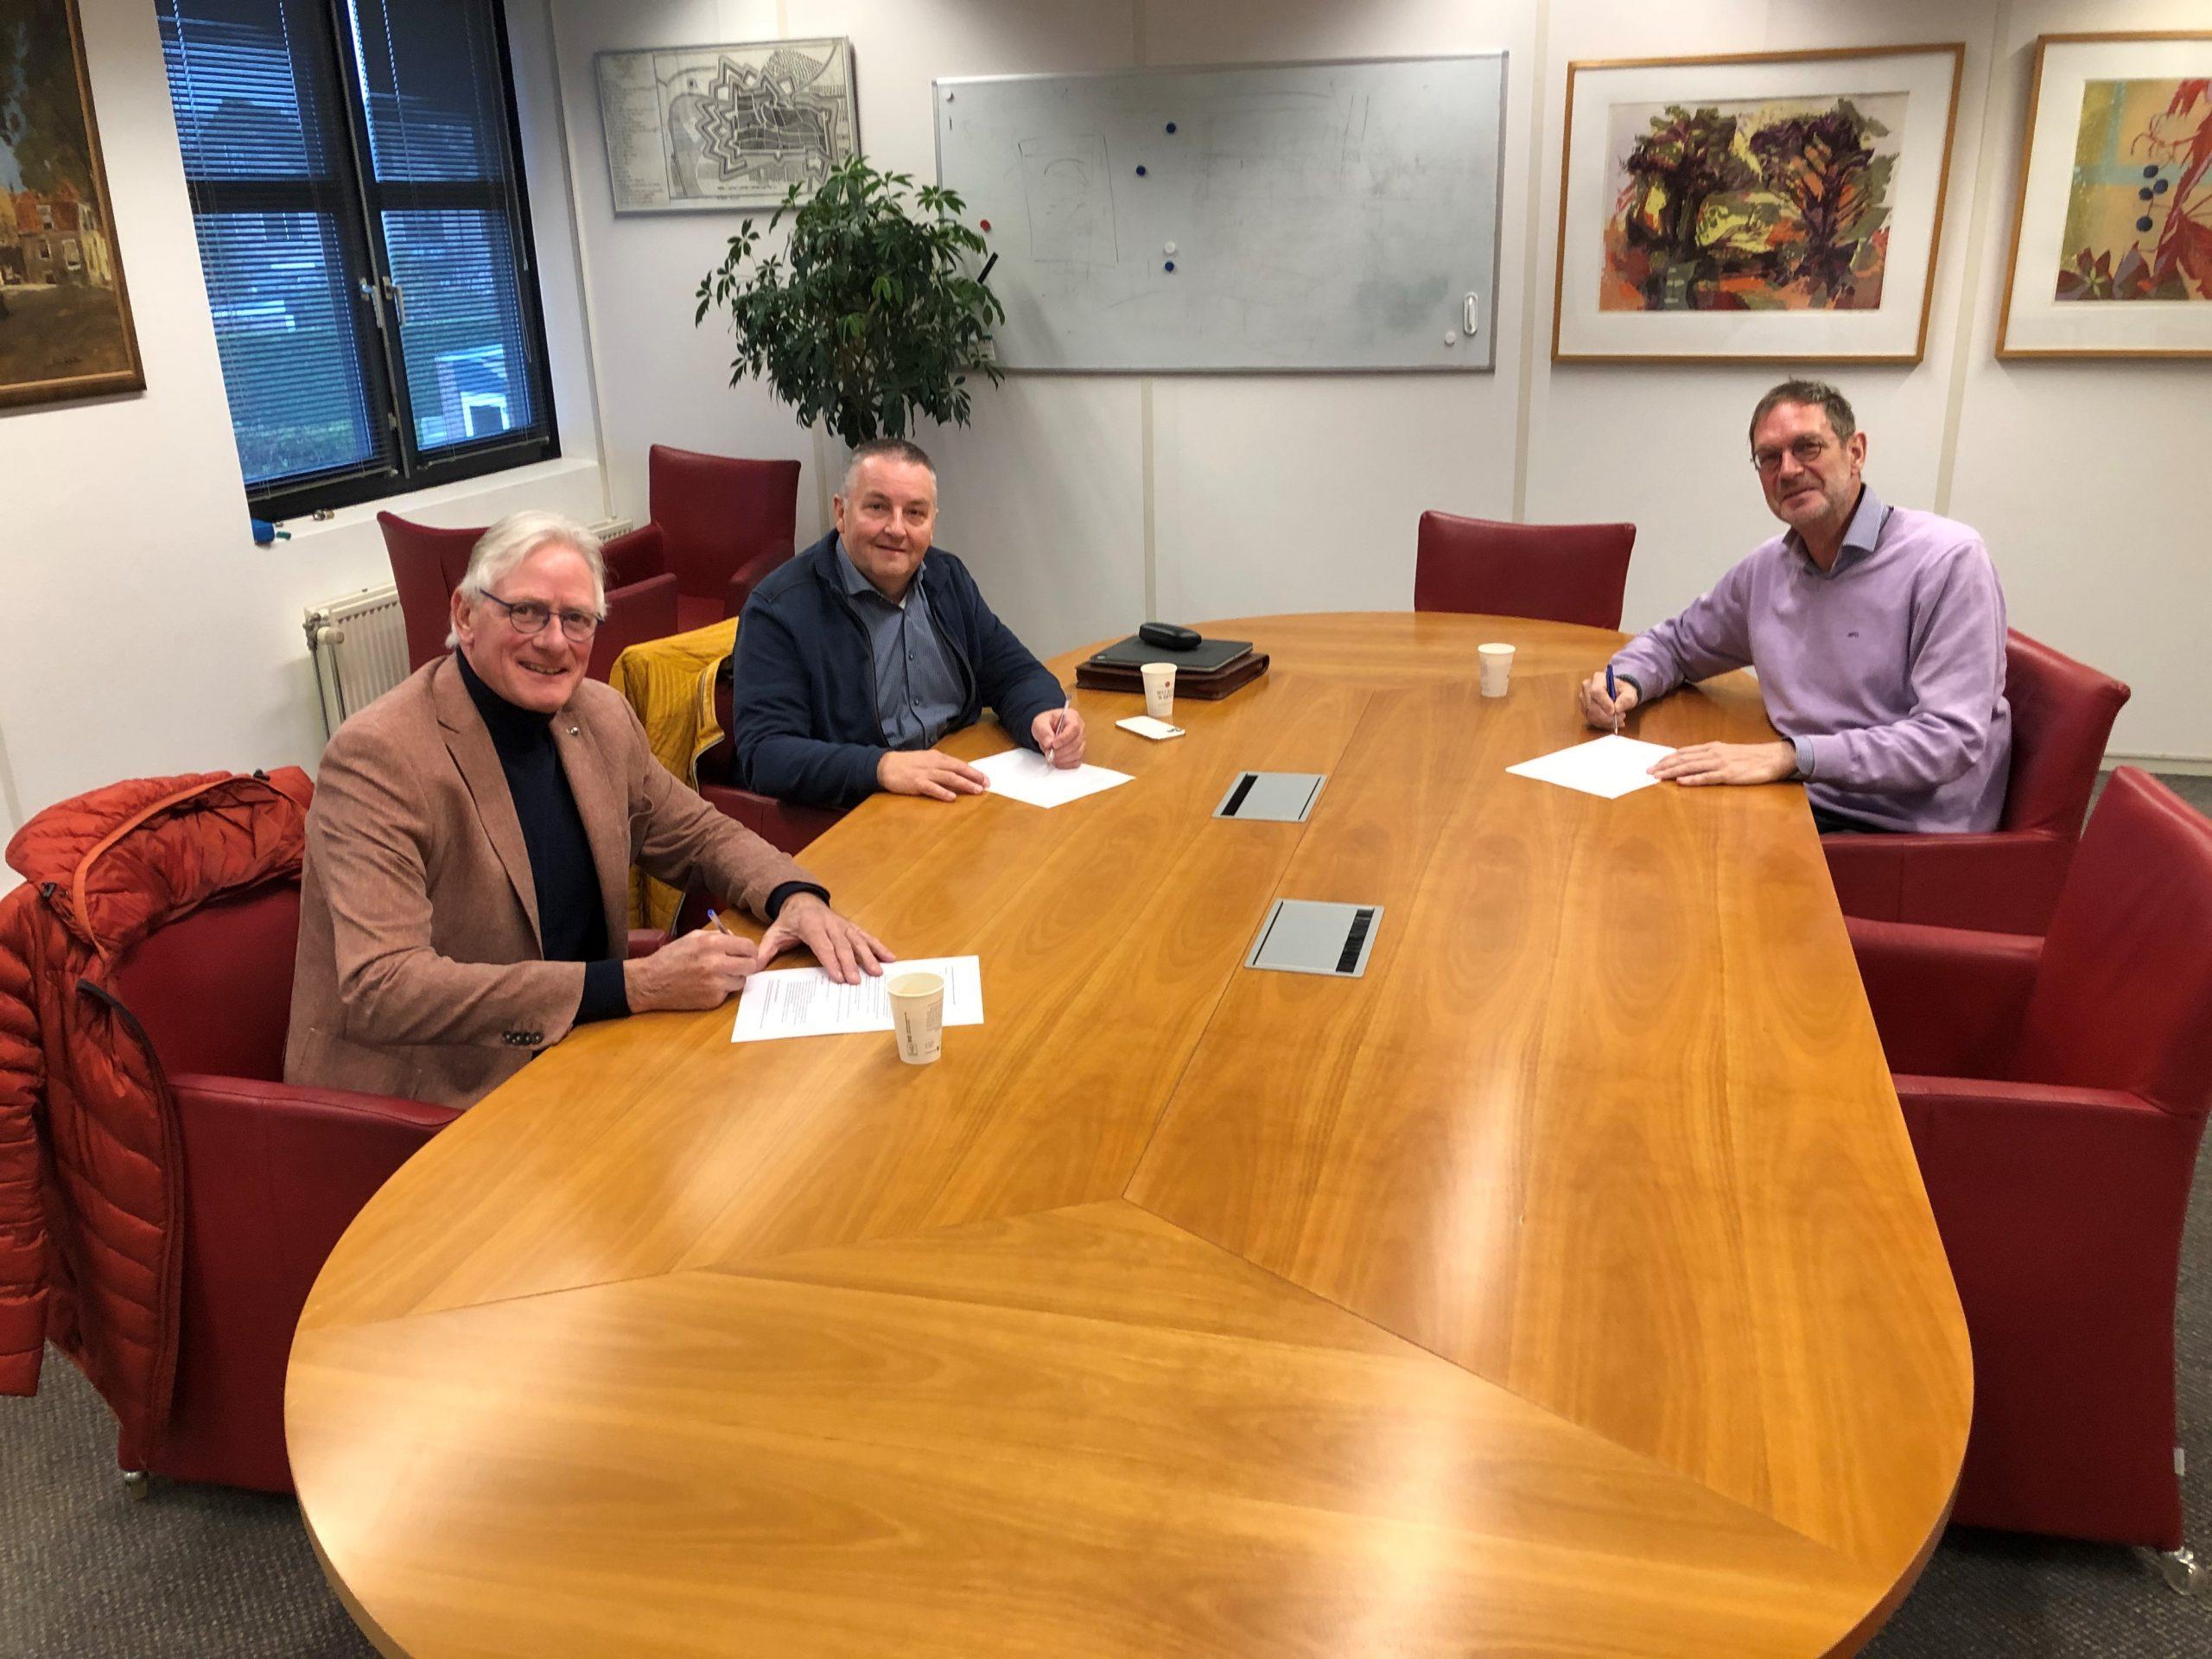 Foto ondertekening uitvoeringsovereenkomst BIZ 2020 11 30 scaled